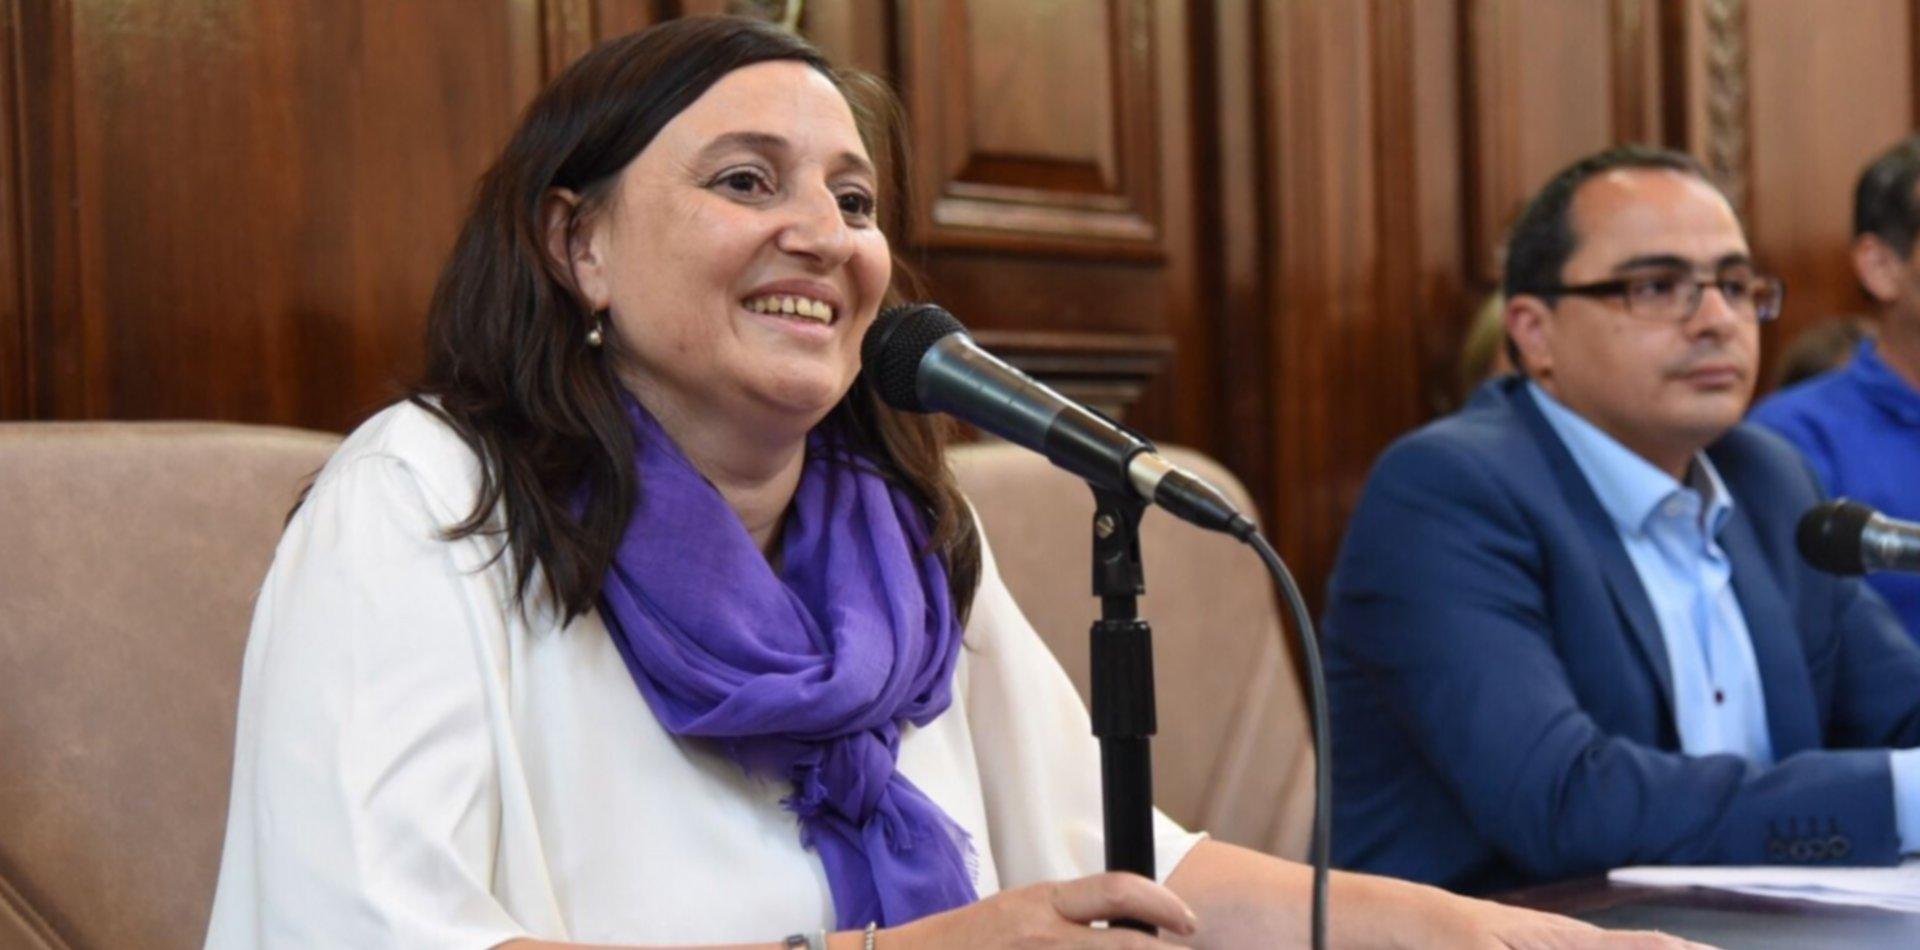 La presidenta del Concejo Deliberante de La Plata dio positivo de Covid